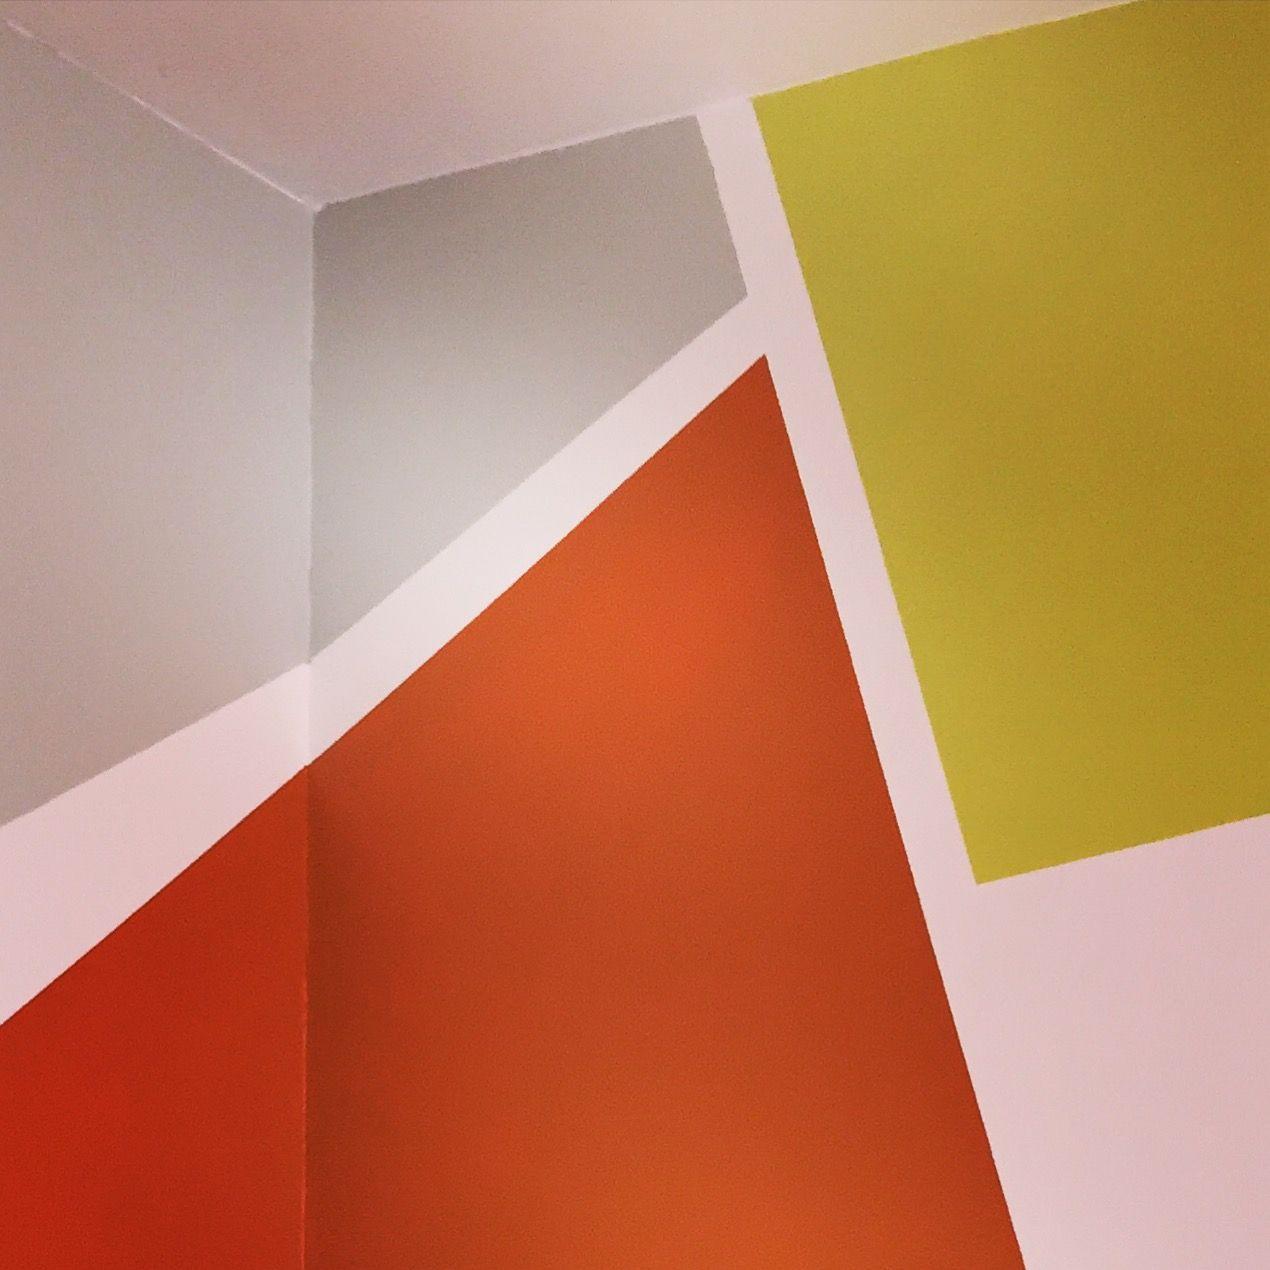 Un tour chez nous le magazine design d coration peinture mur gris vert orange for Chambre orange et vert anis